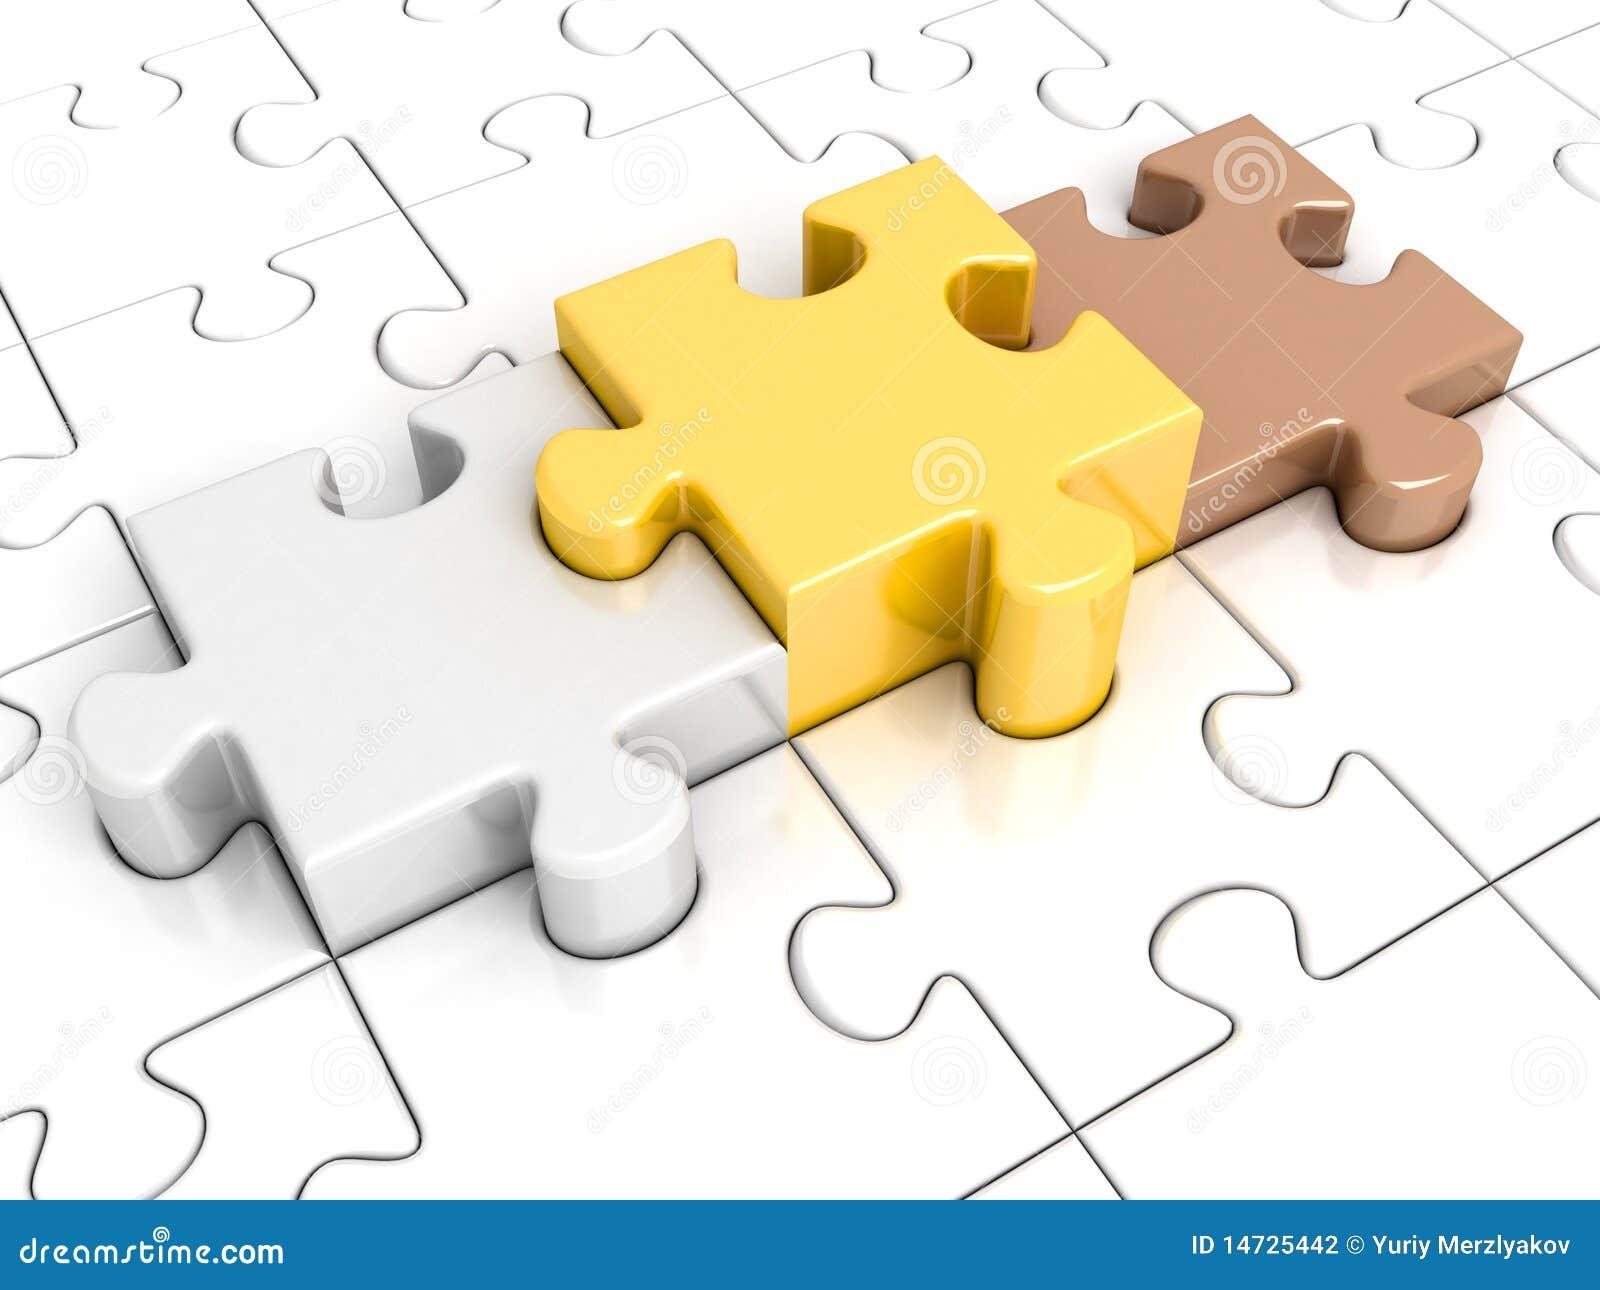 Puzzlespiel mit Podium